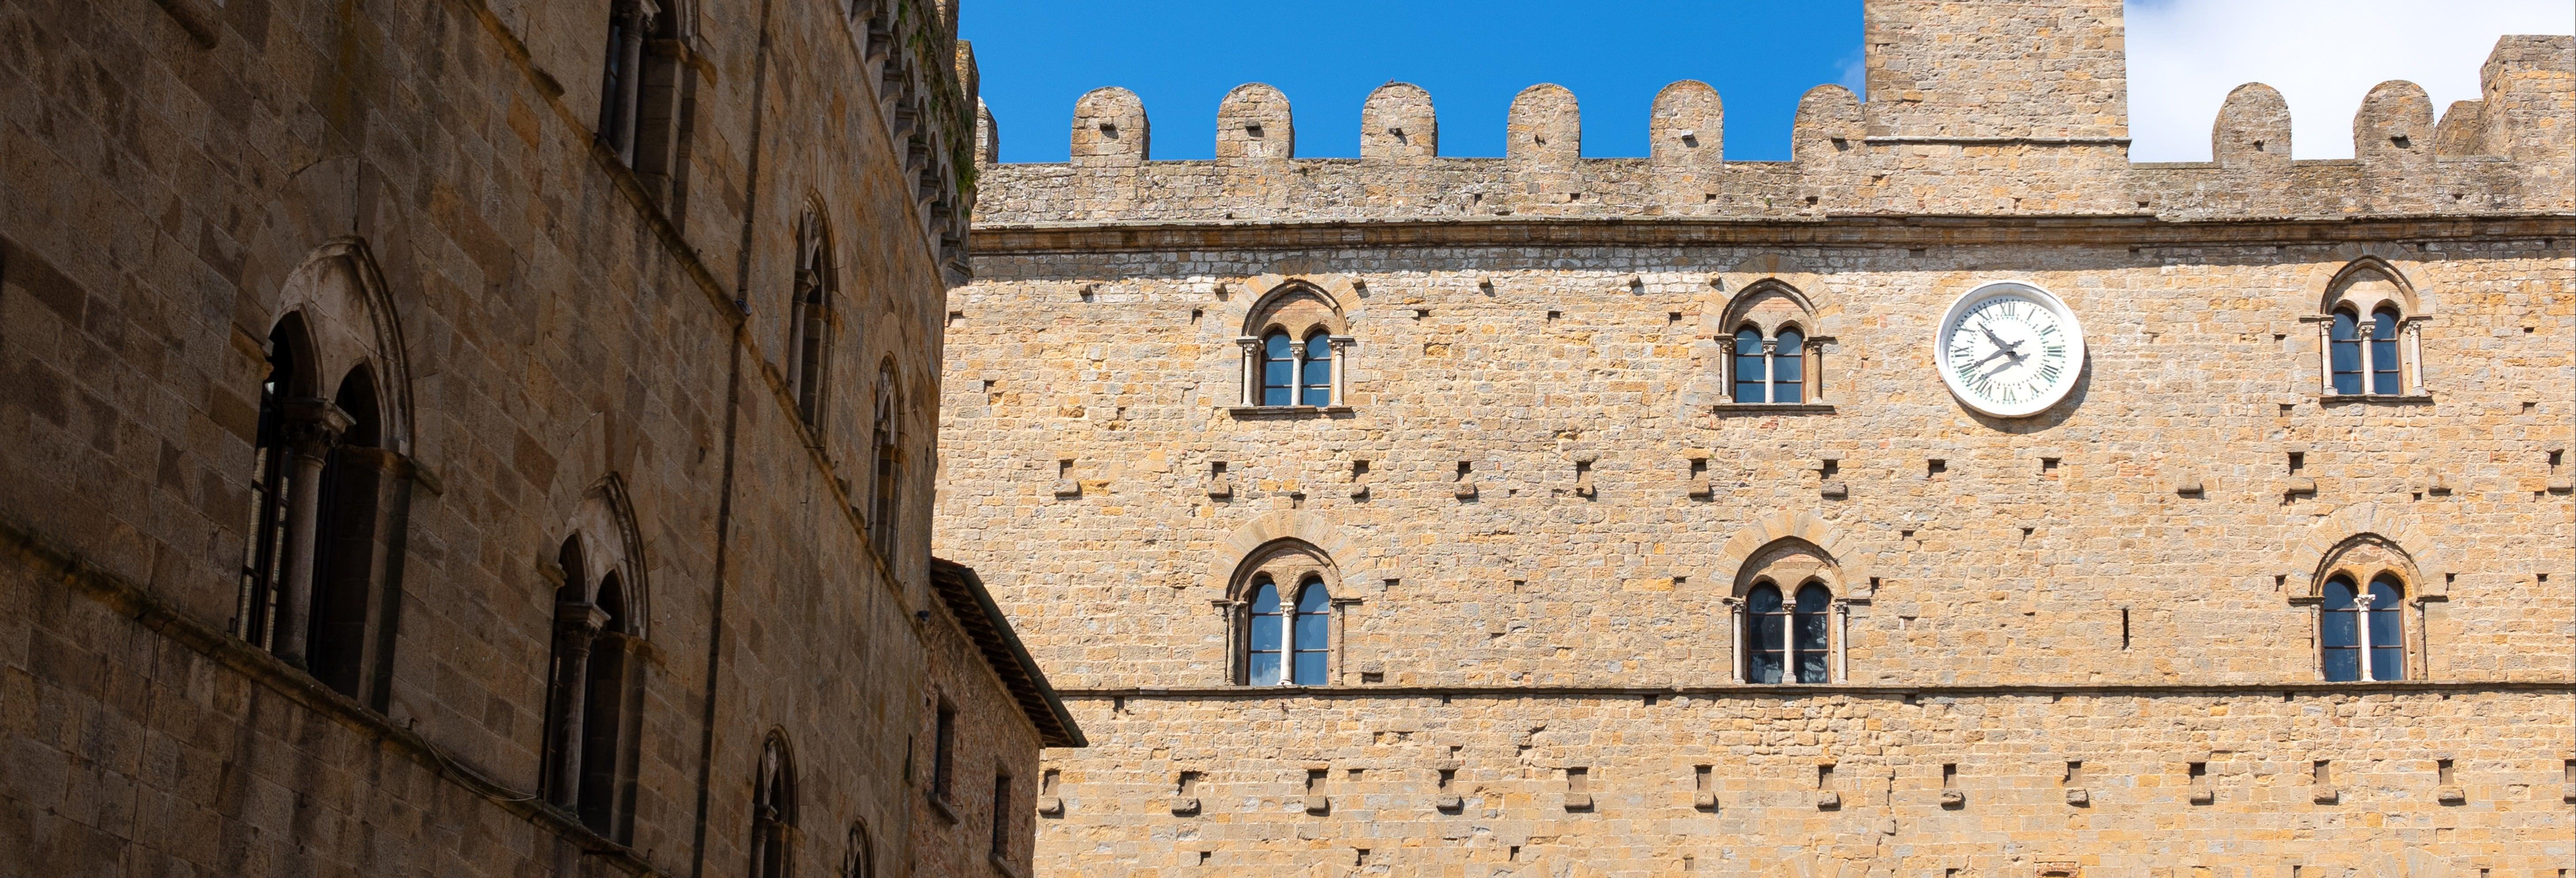 Tour privado por Volterra con guía en español